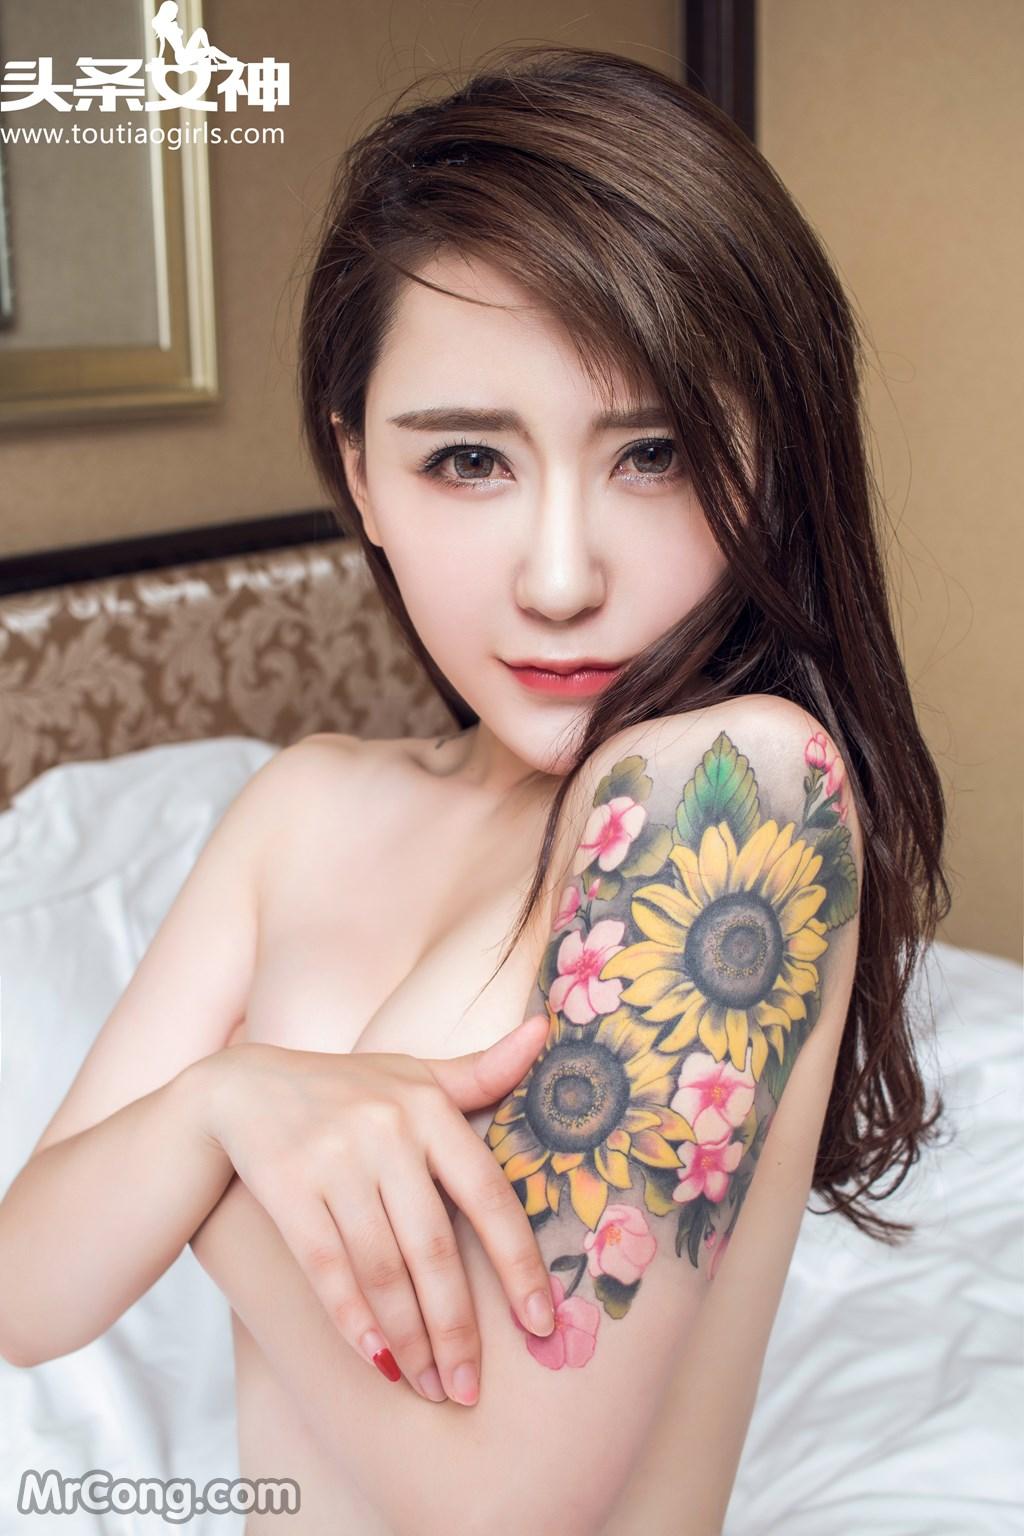 TouTiao 2016-09-20: Model Li Fei Er (李 菲儿) (29 photos)